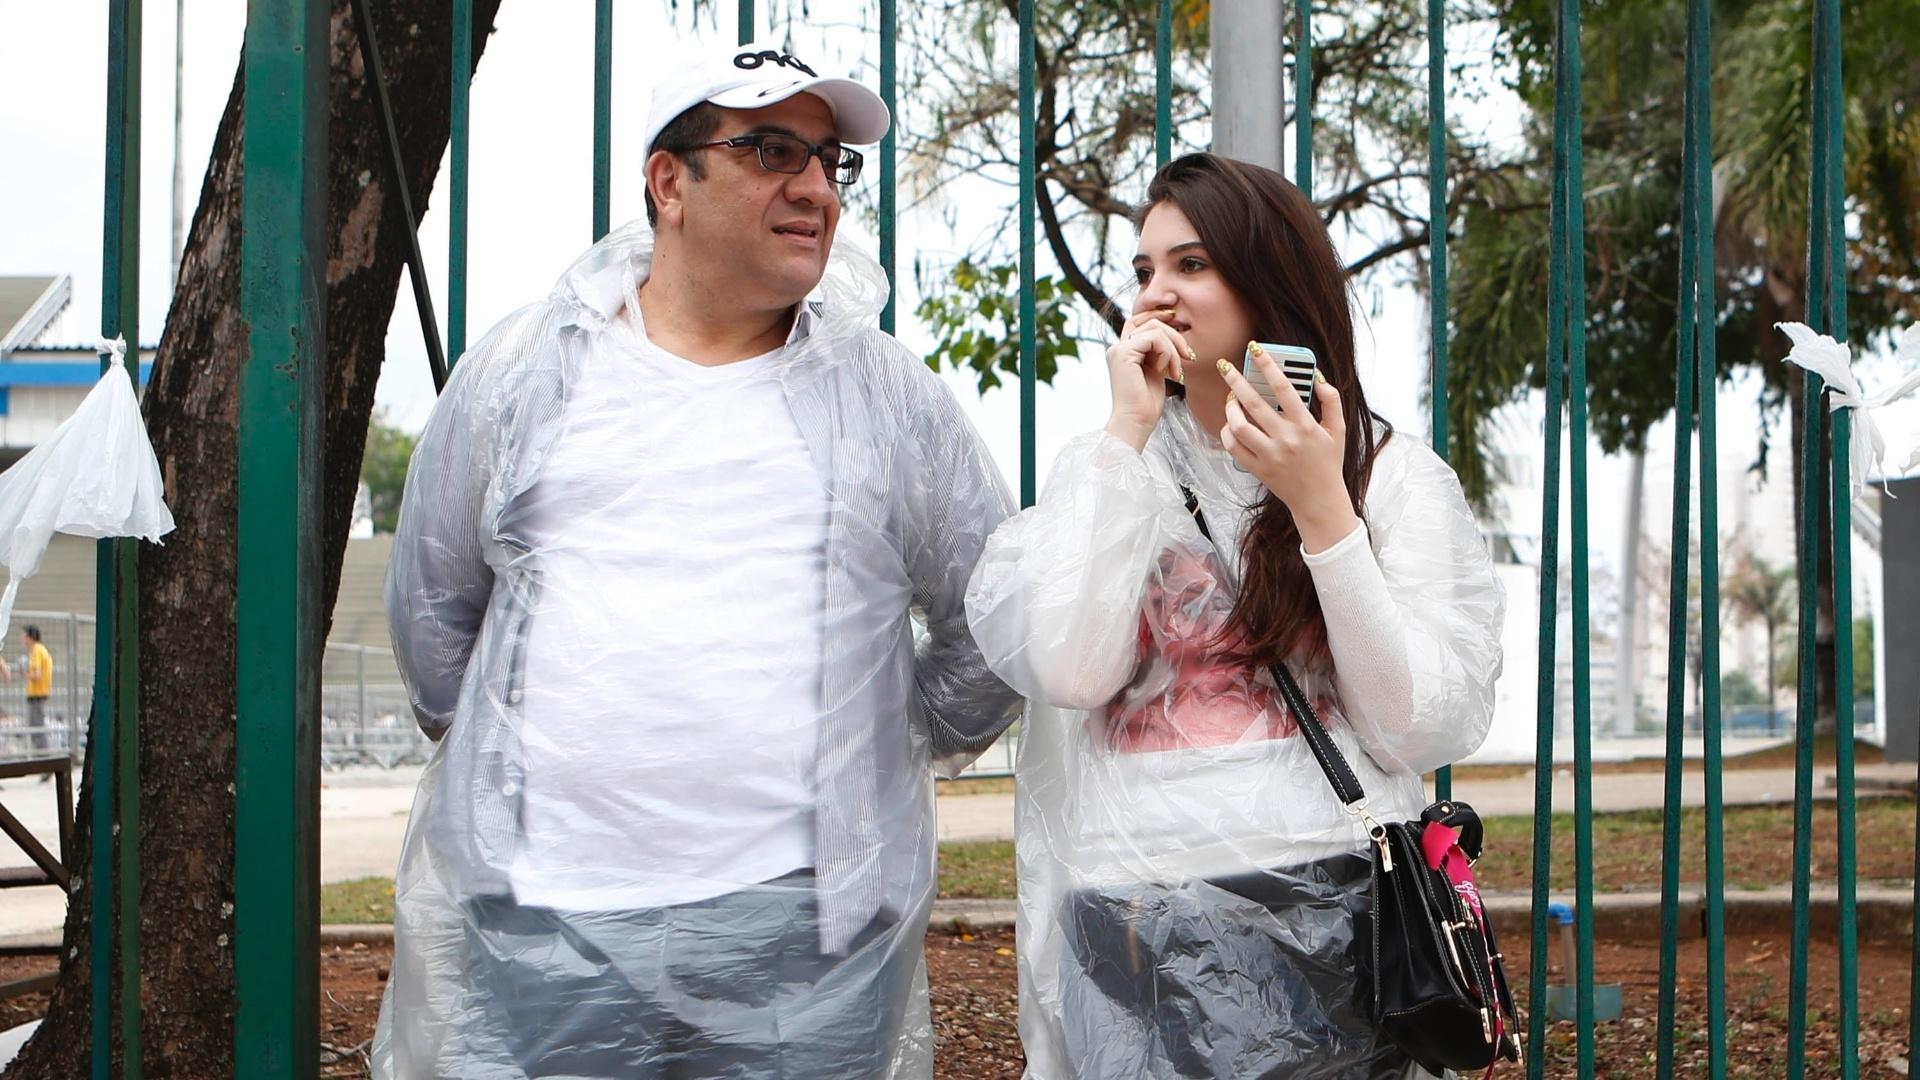 26.set.2014 - Pai acompanha a filha na fila à espera do show de Miley Cyrus no Anhembi, local onde acontece a primeira apresentação da cantora no Brasil